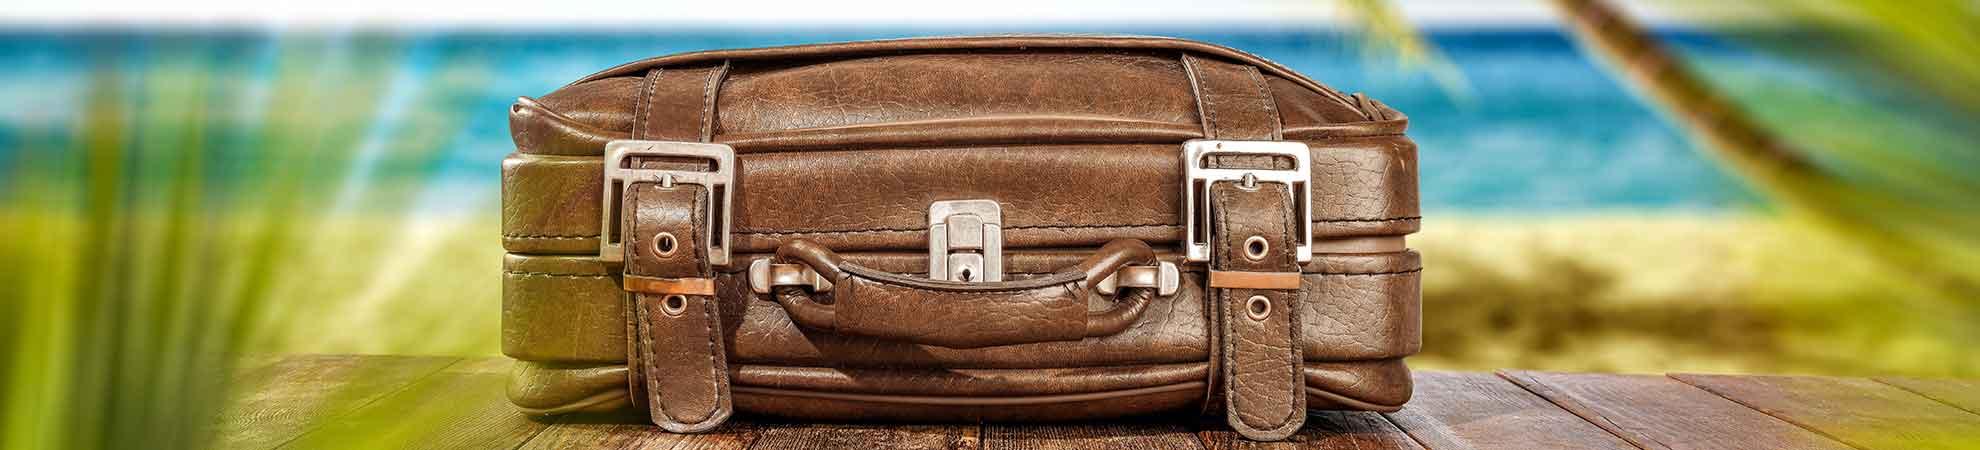 Préparez votre valise pour un voyage à Cuba !